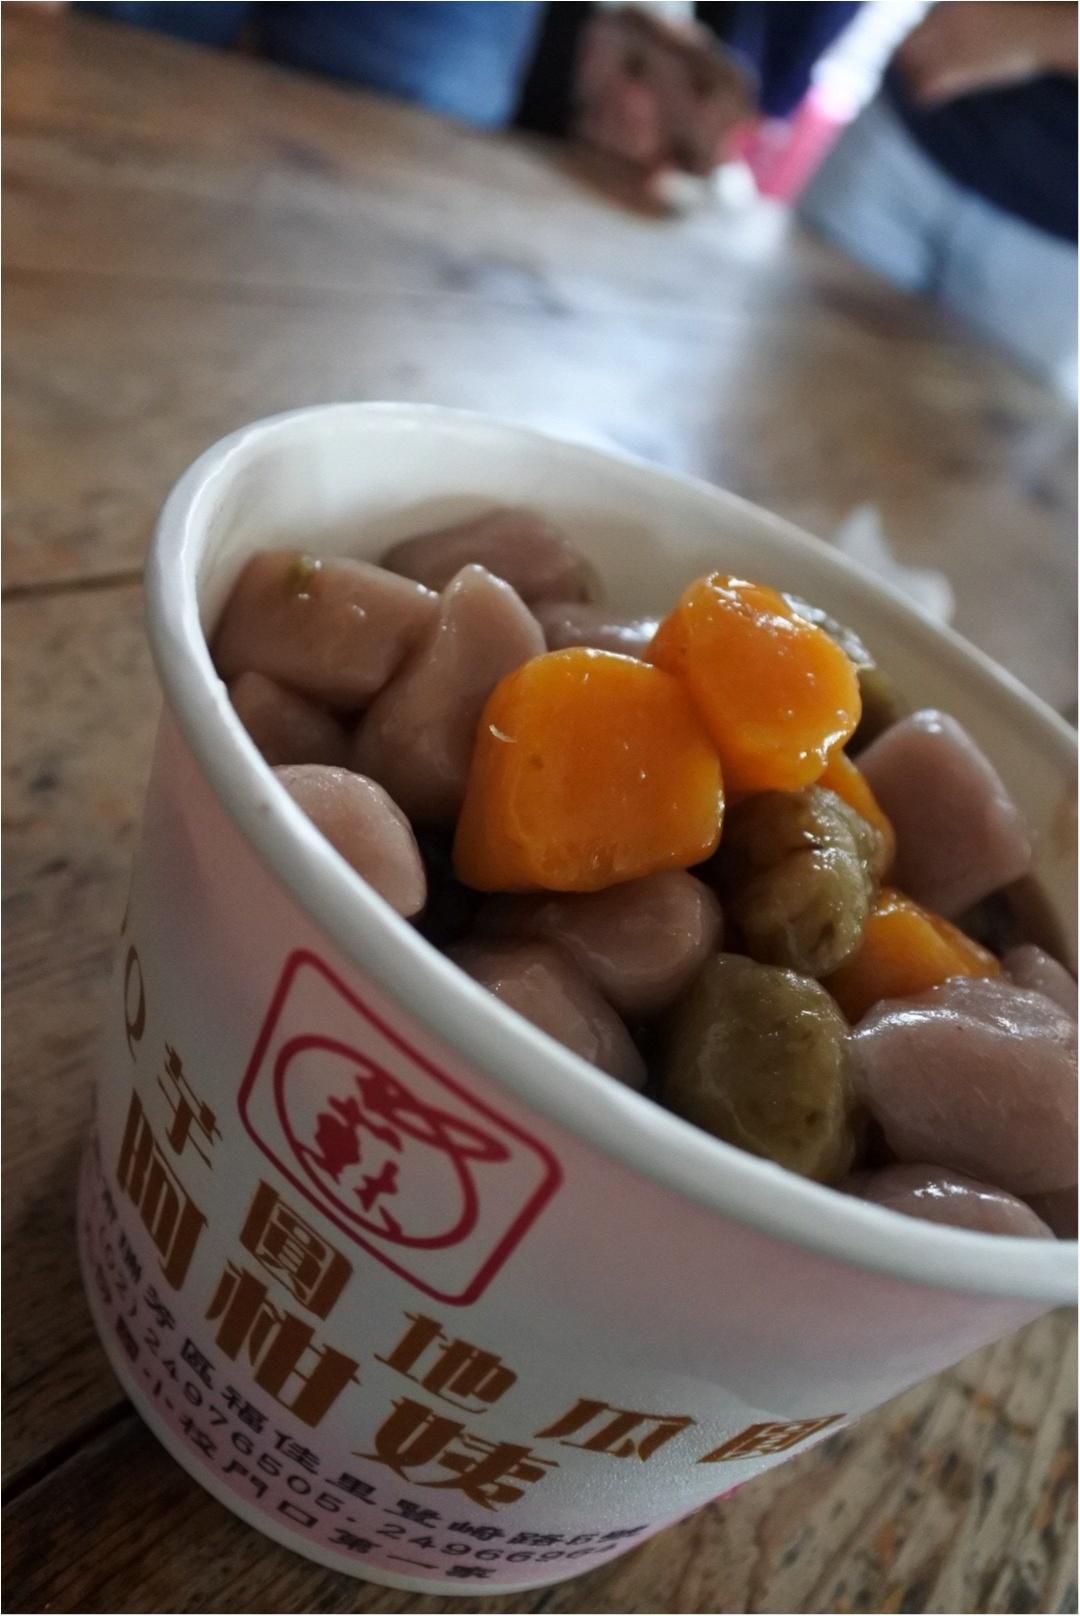 台湾のおしゃれなカフェ&食べ物特集 - 人気のタピオカや小籠包も! 台湾女子旅におすすめのグルメ情報まとめ_83